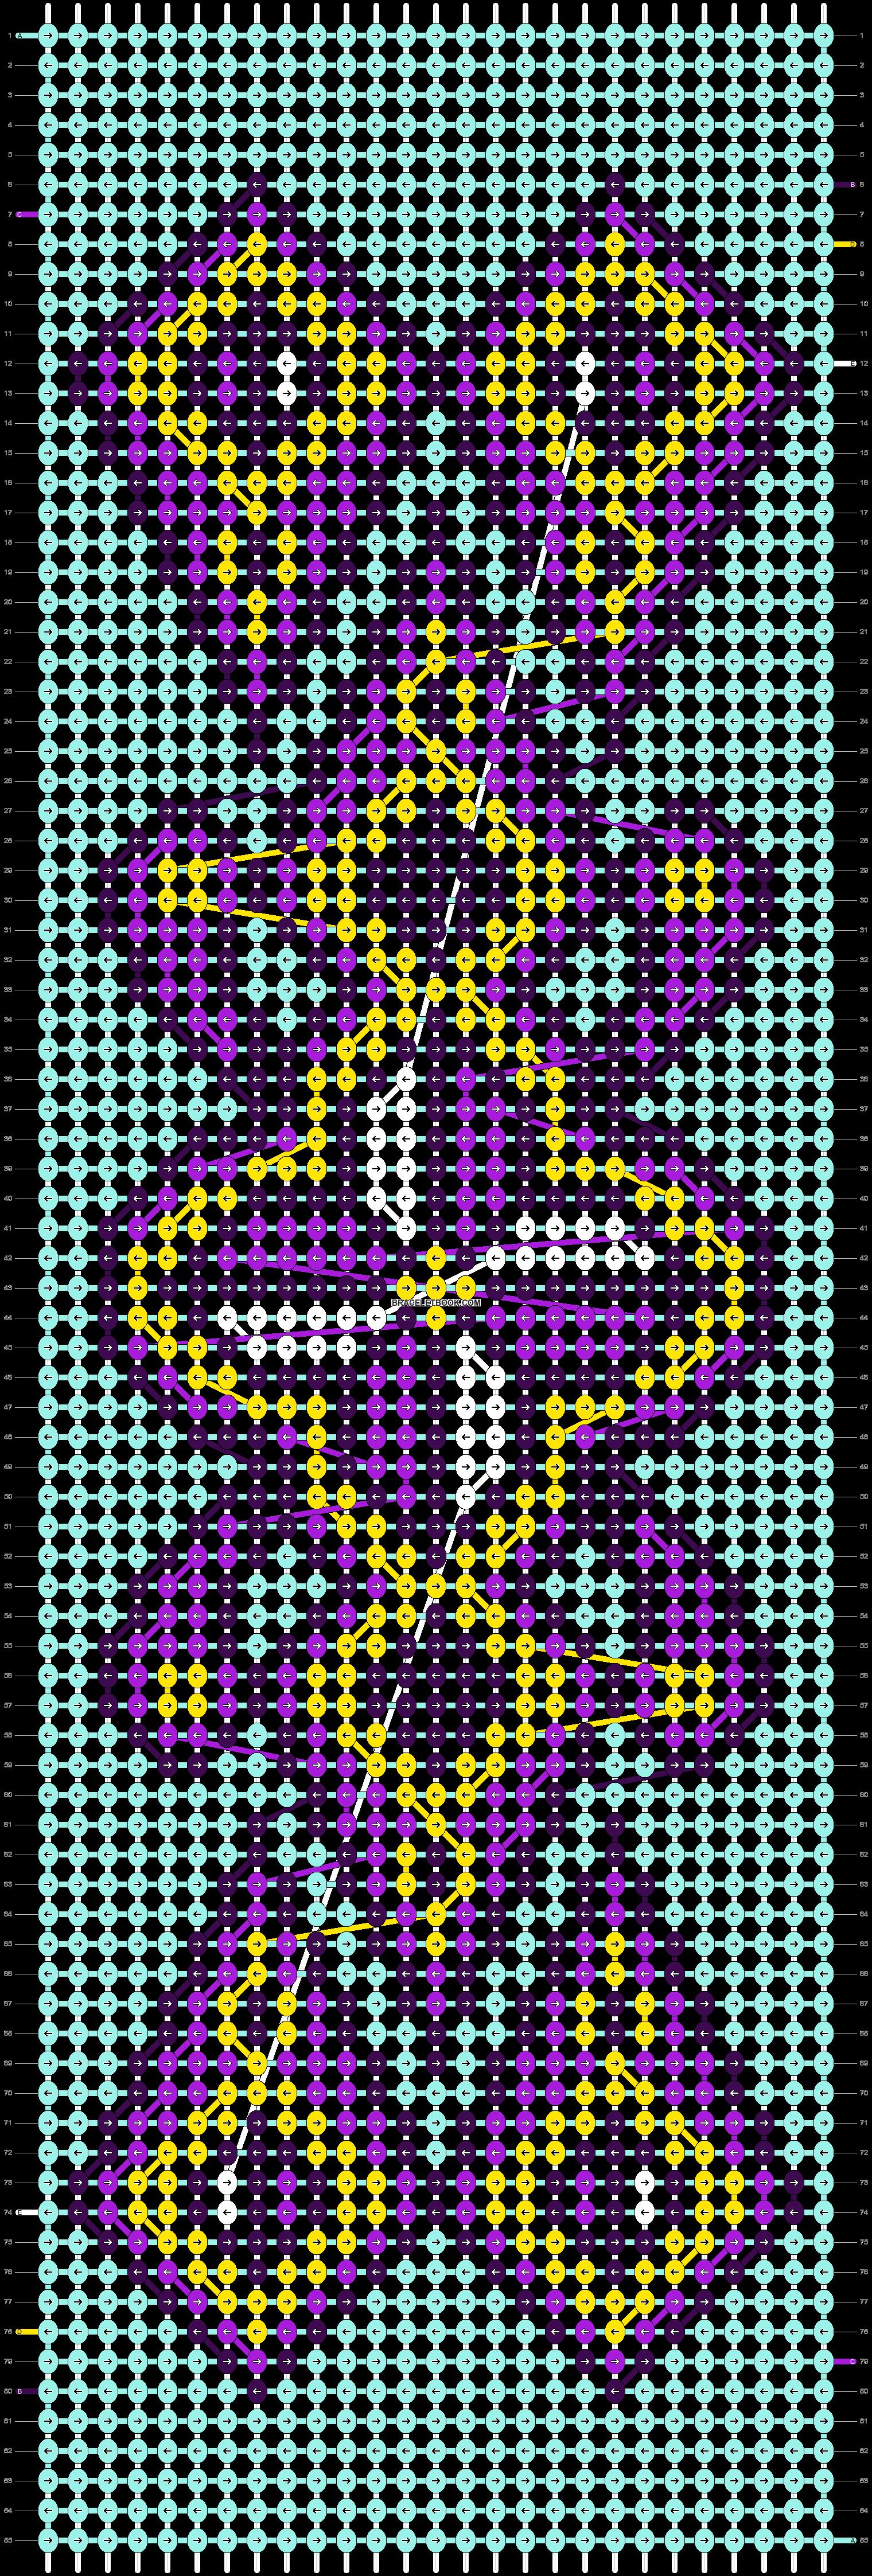 Alpha Pattern #21849 added by Jezebeth